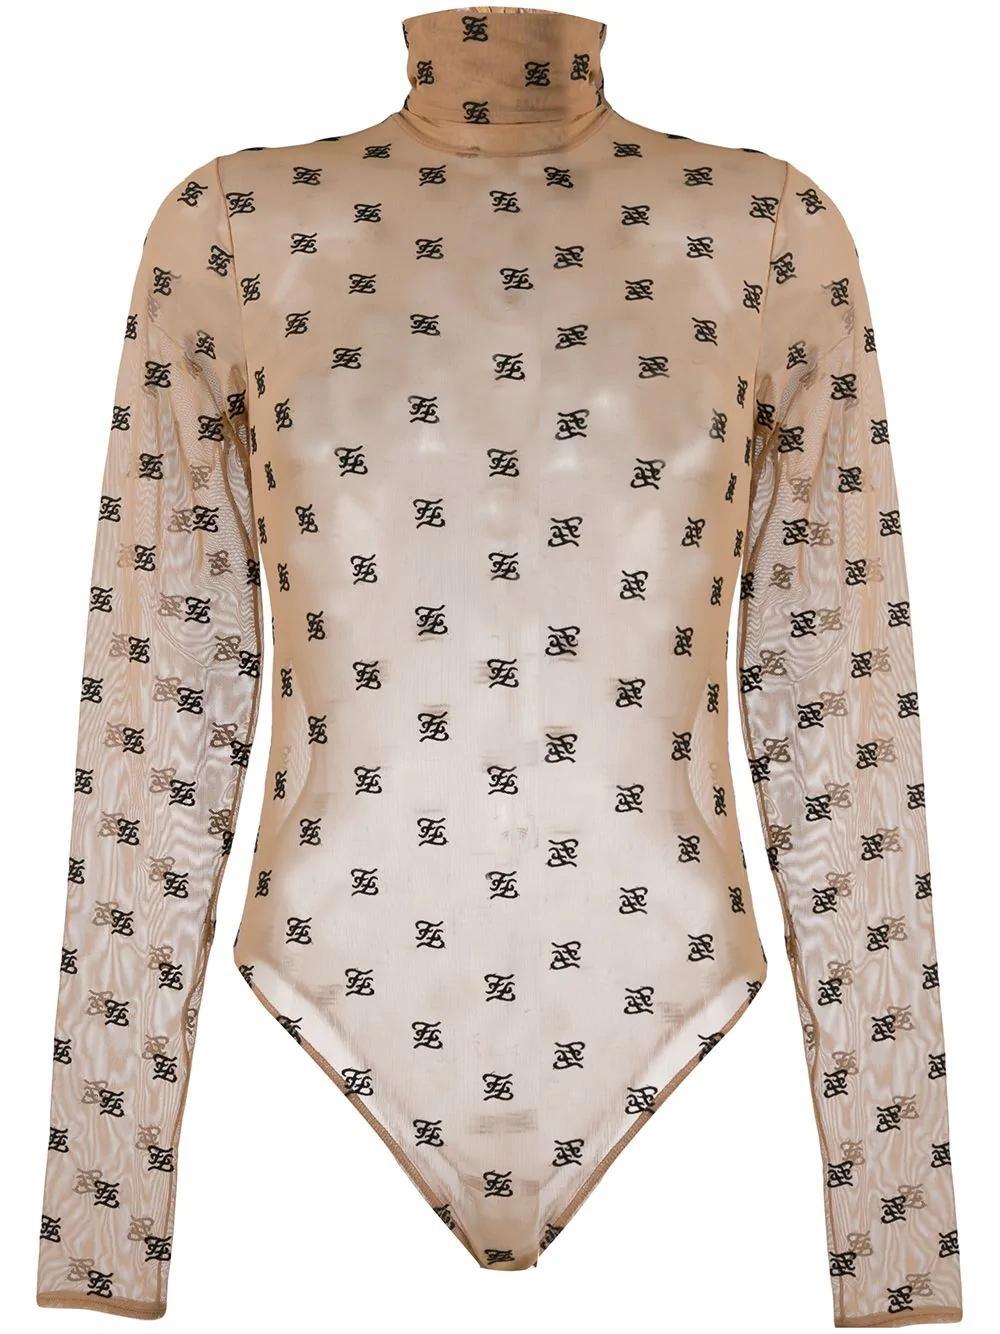 2020 Nueva el traje de baño estera de diseño más reciente es el de gasa neta ver a través de traje de baño atractivo del traje de baño femenino siameses cuerpo de bikini